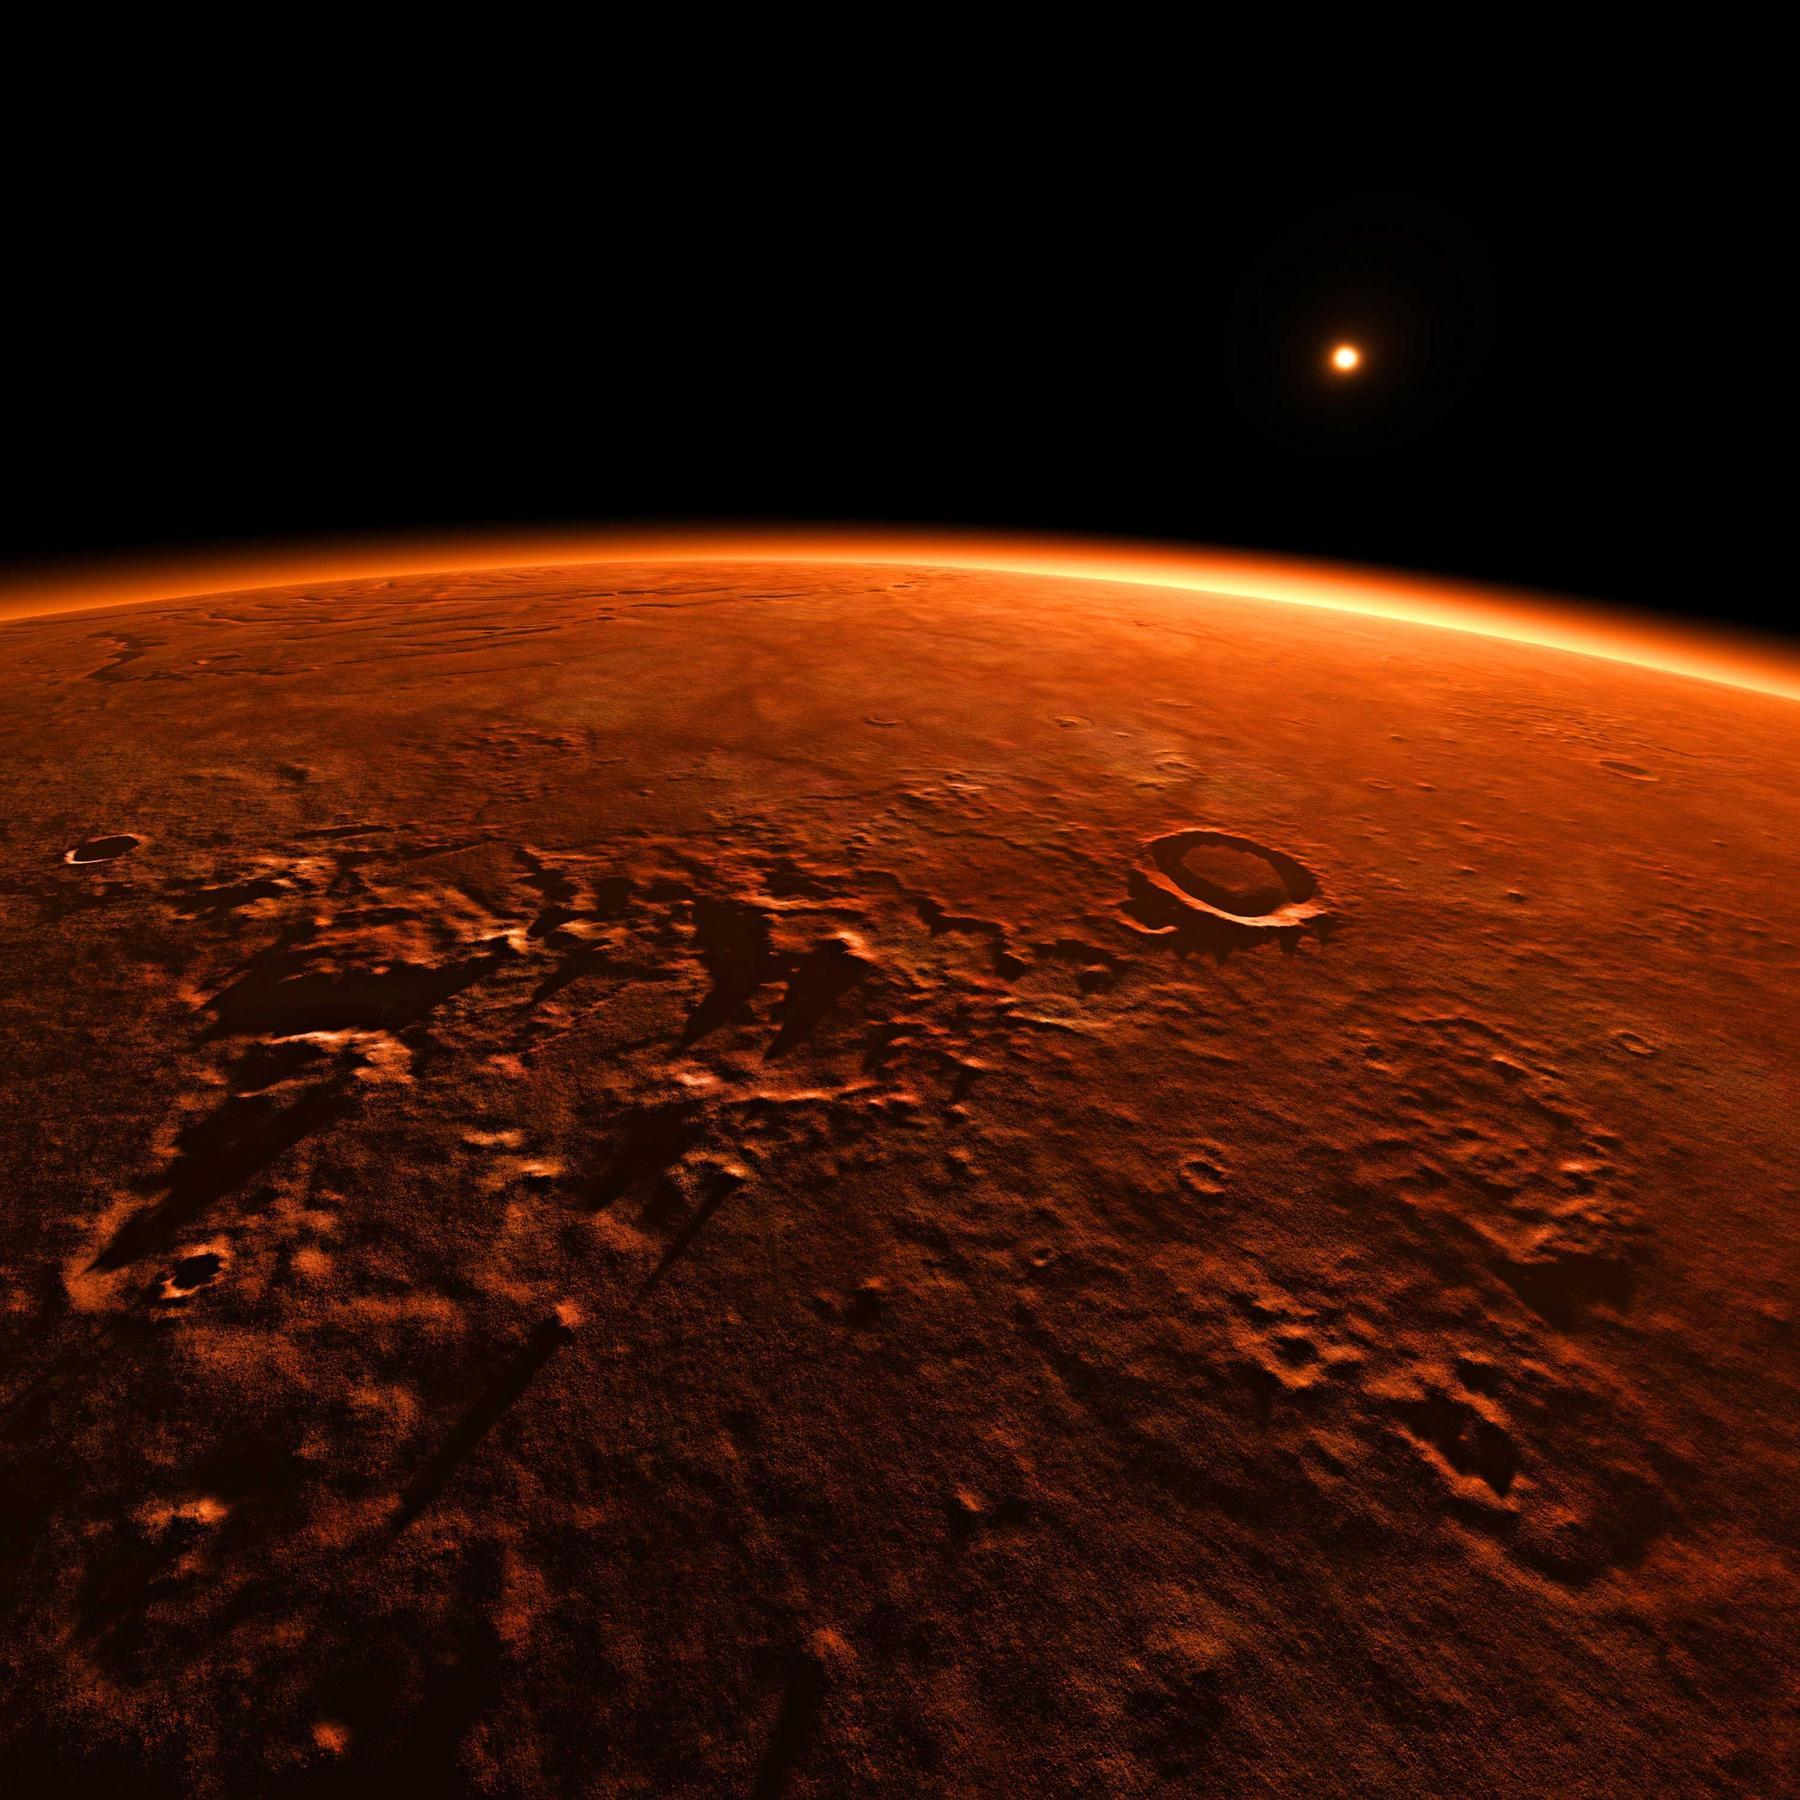 Faszination Mars - Was wollen plötzlich alle auf dem roten Planeten?